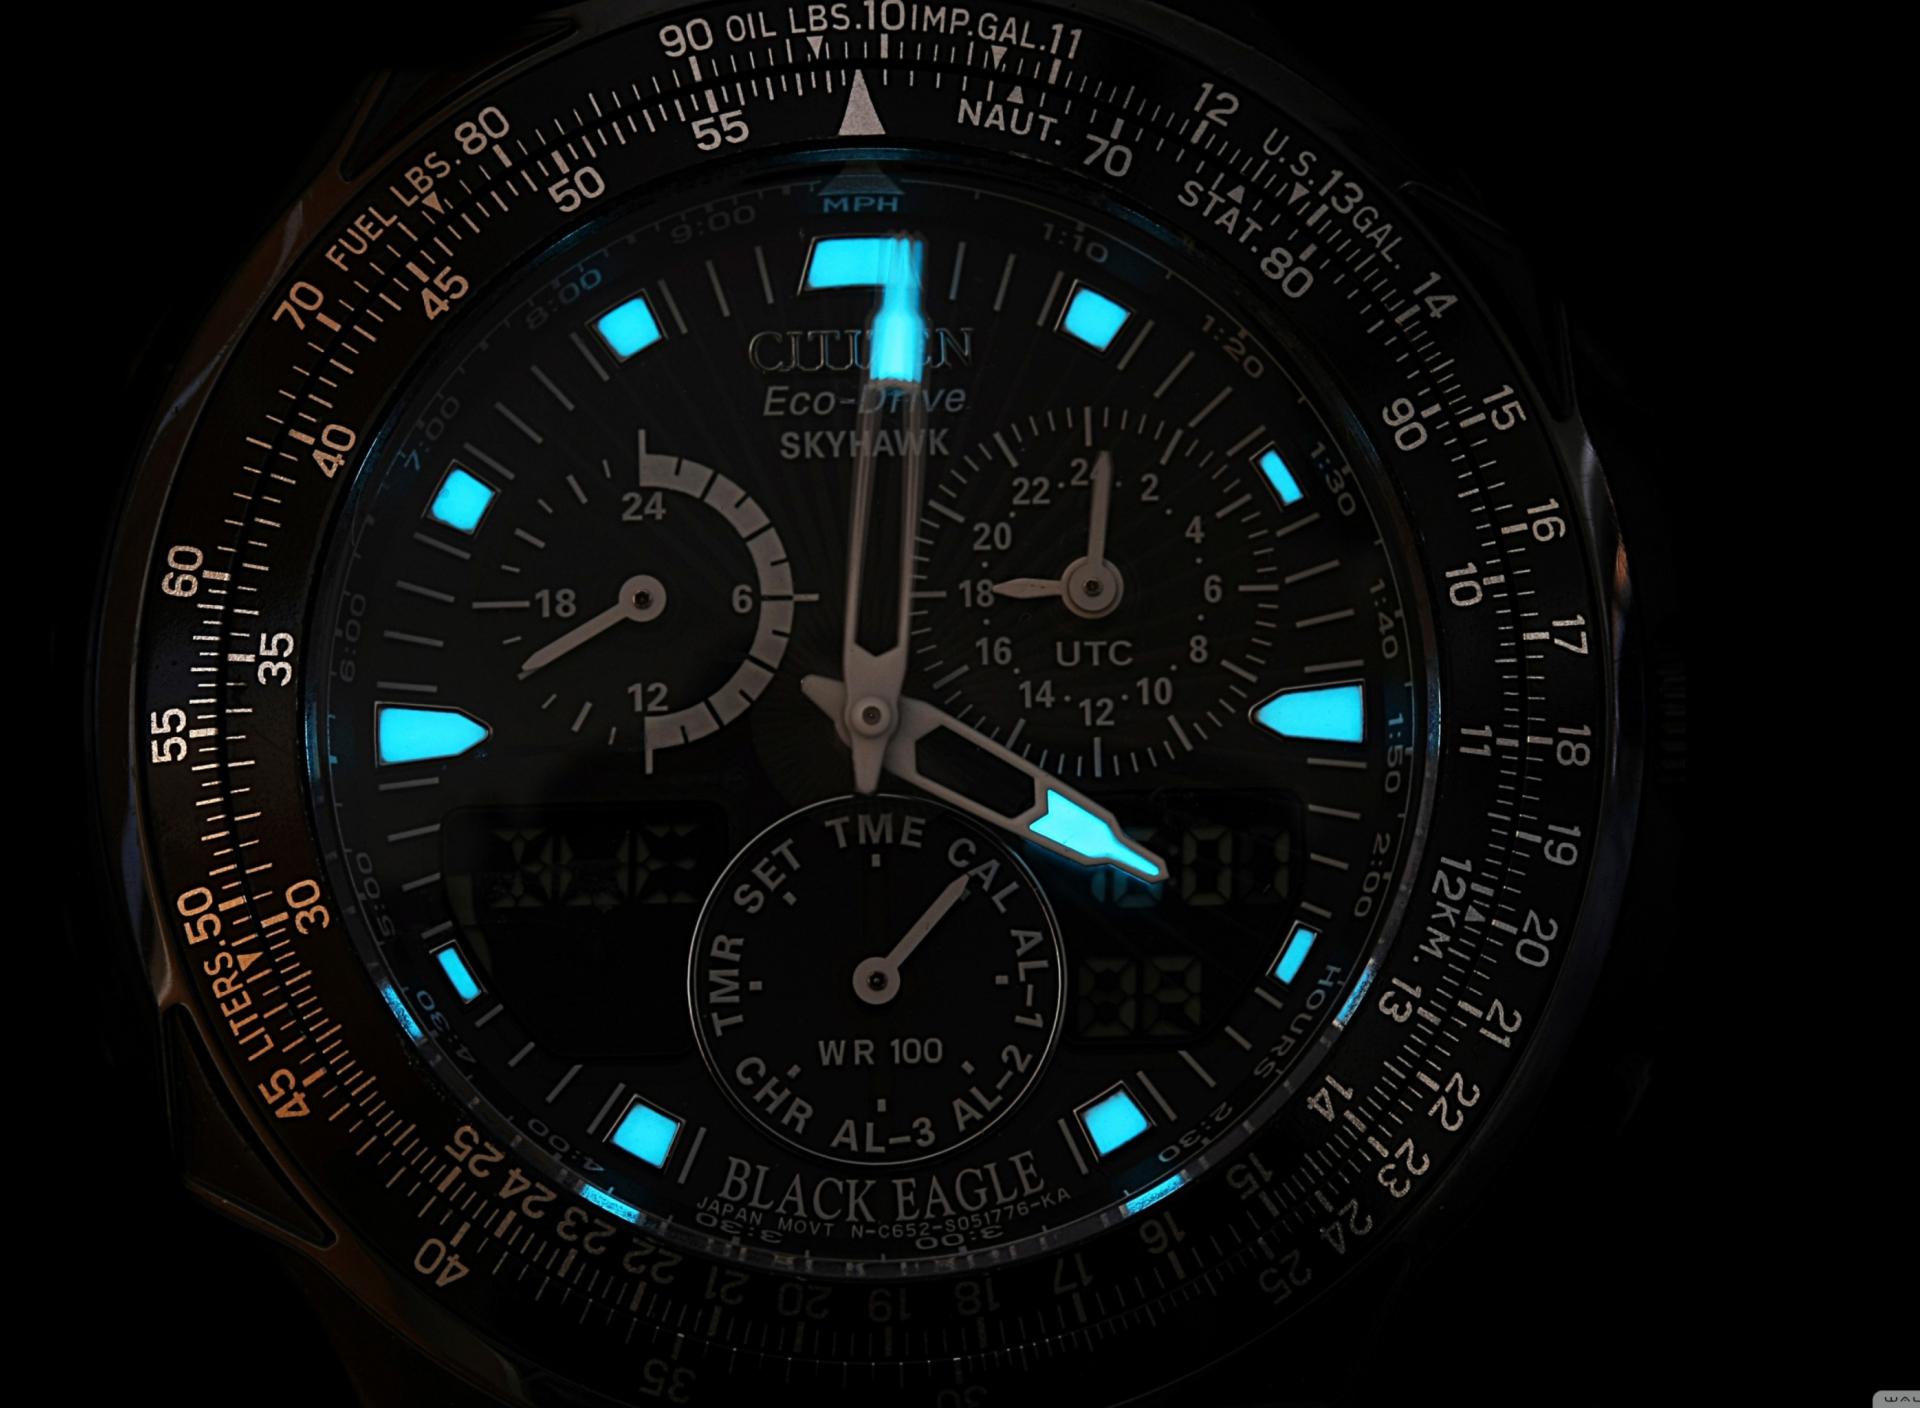 скачать обои часы на рабочий стол бесплатно на андроид № 150908 бесплатно